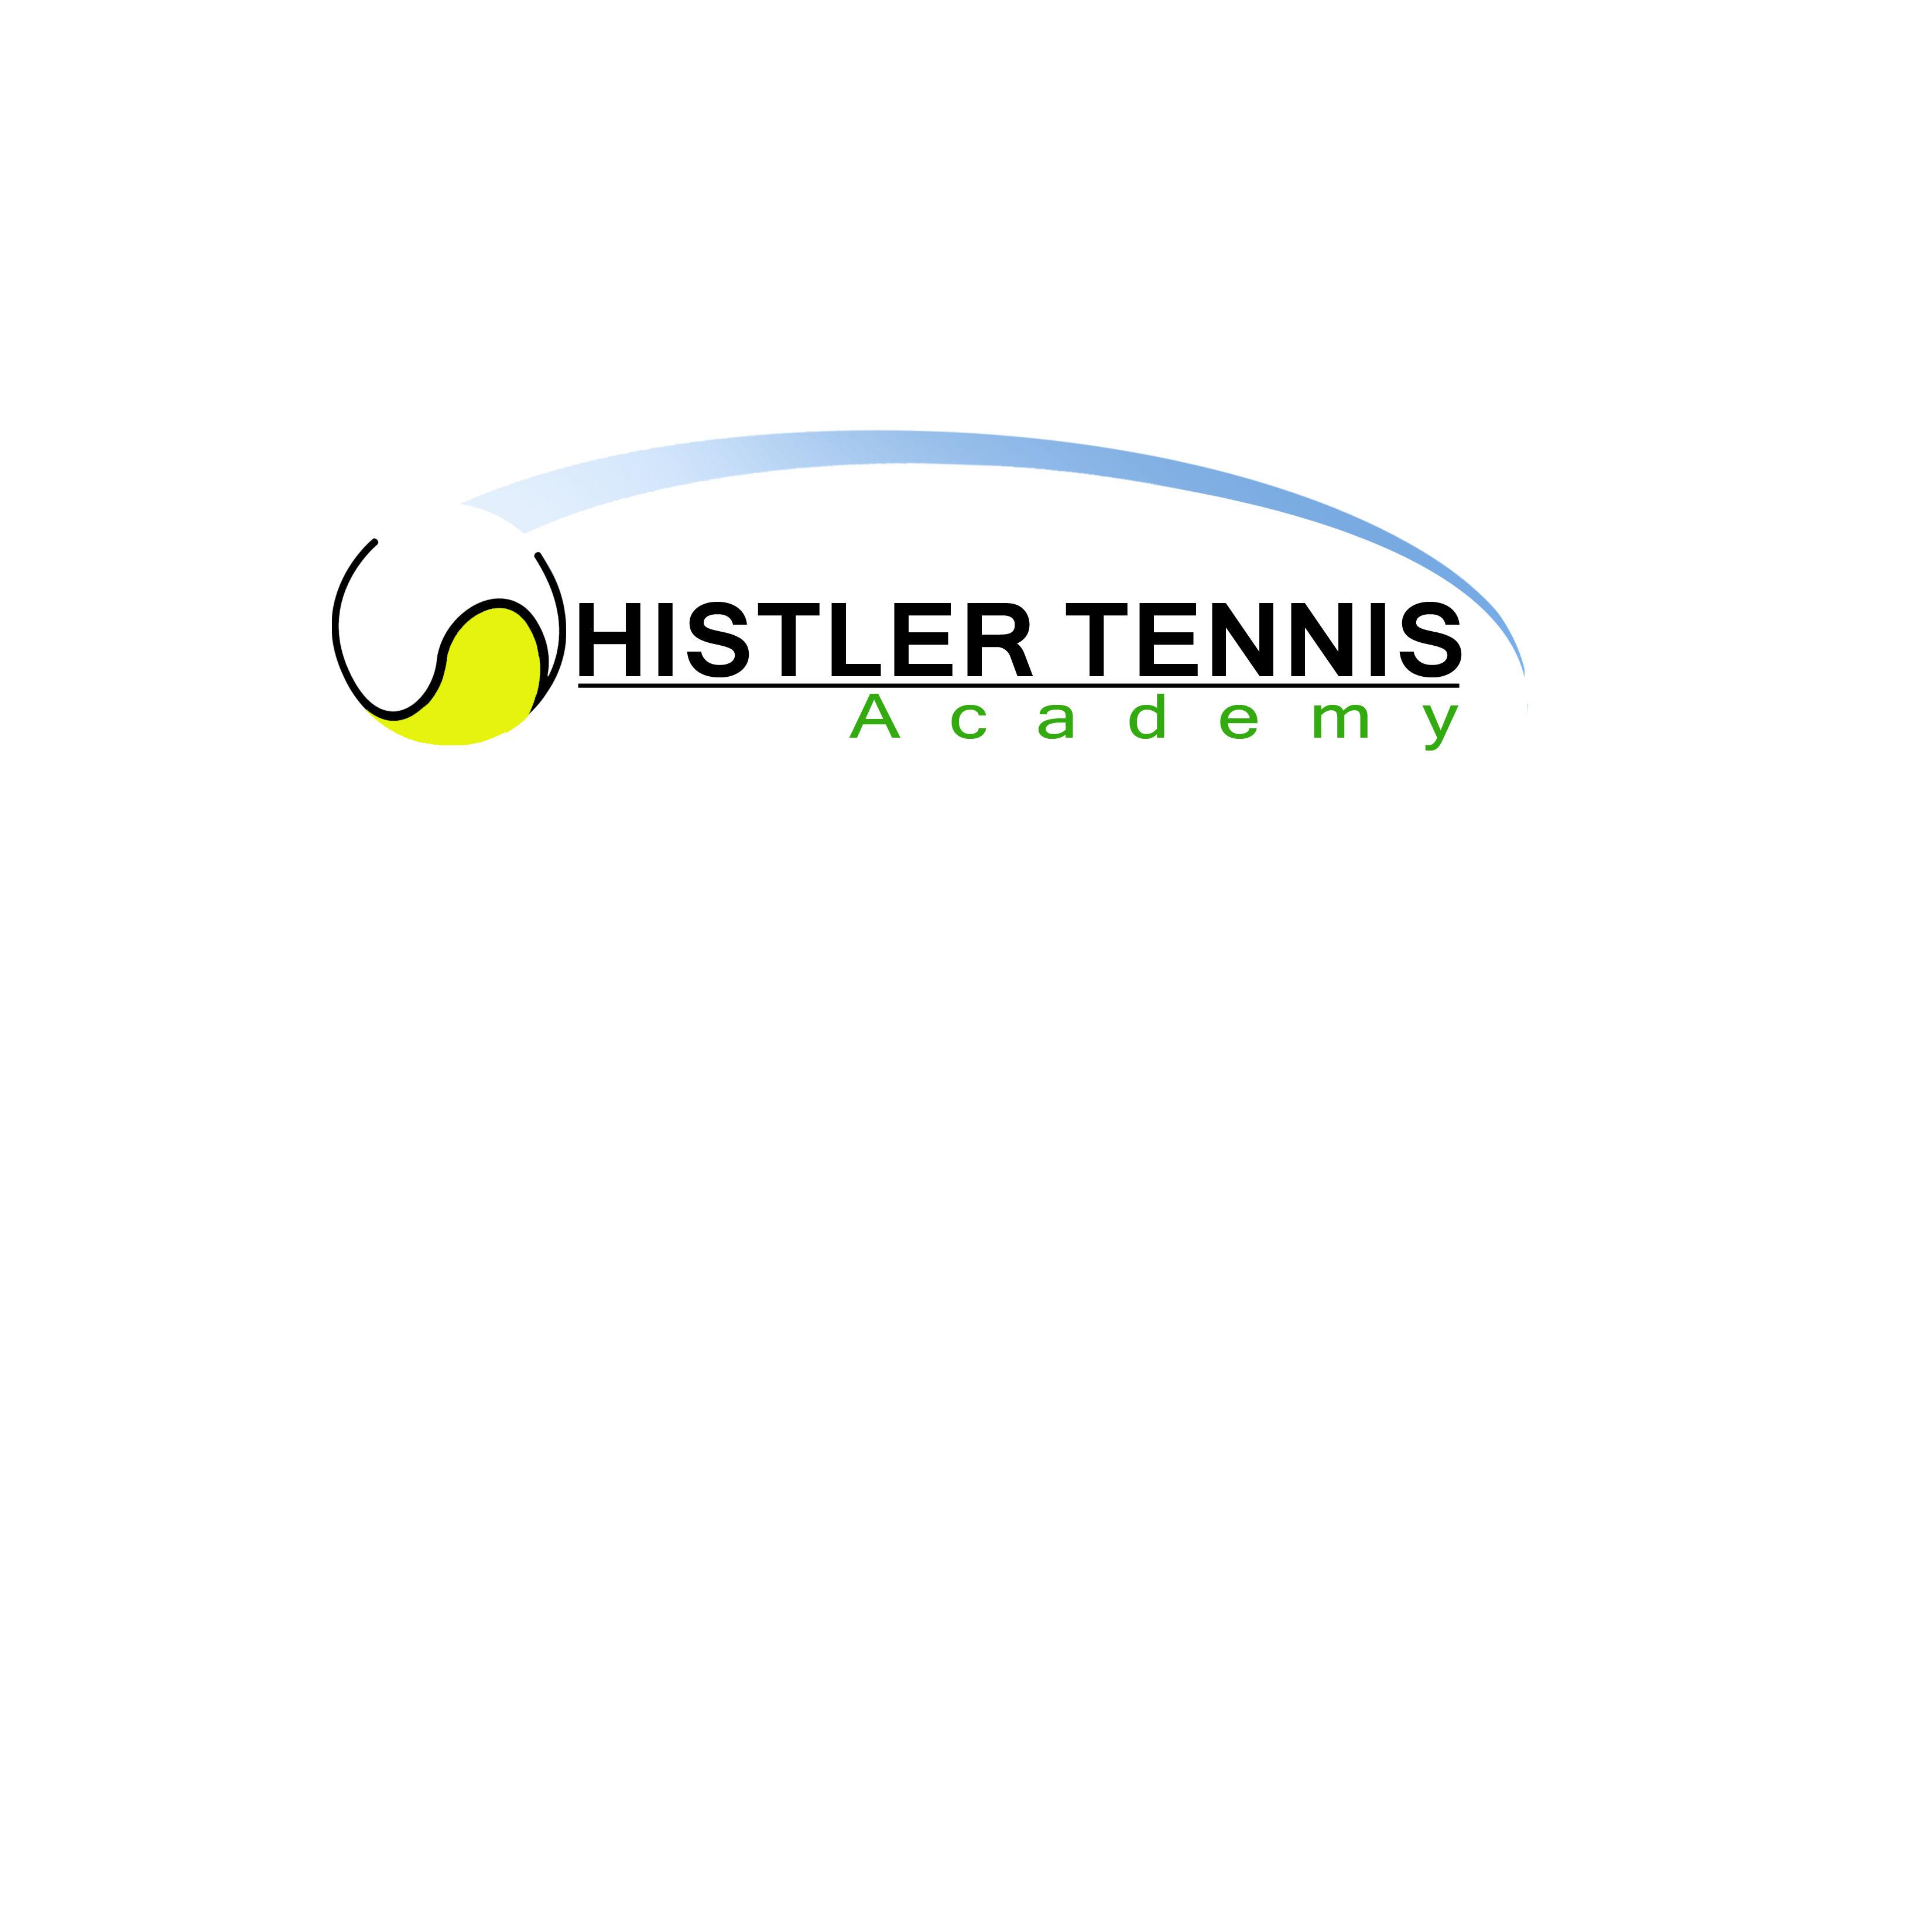 Logo Design by Allan Esclamado - Entry No. 230 in the Logo Design Contest Imaginative Logo Design for Whistler Tennis Academy.